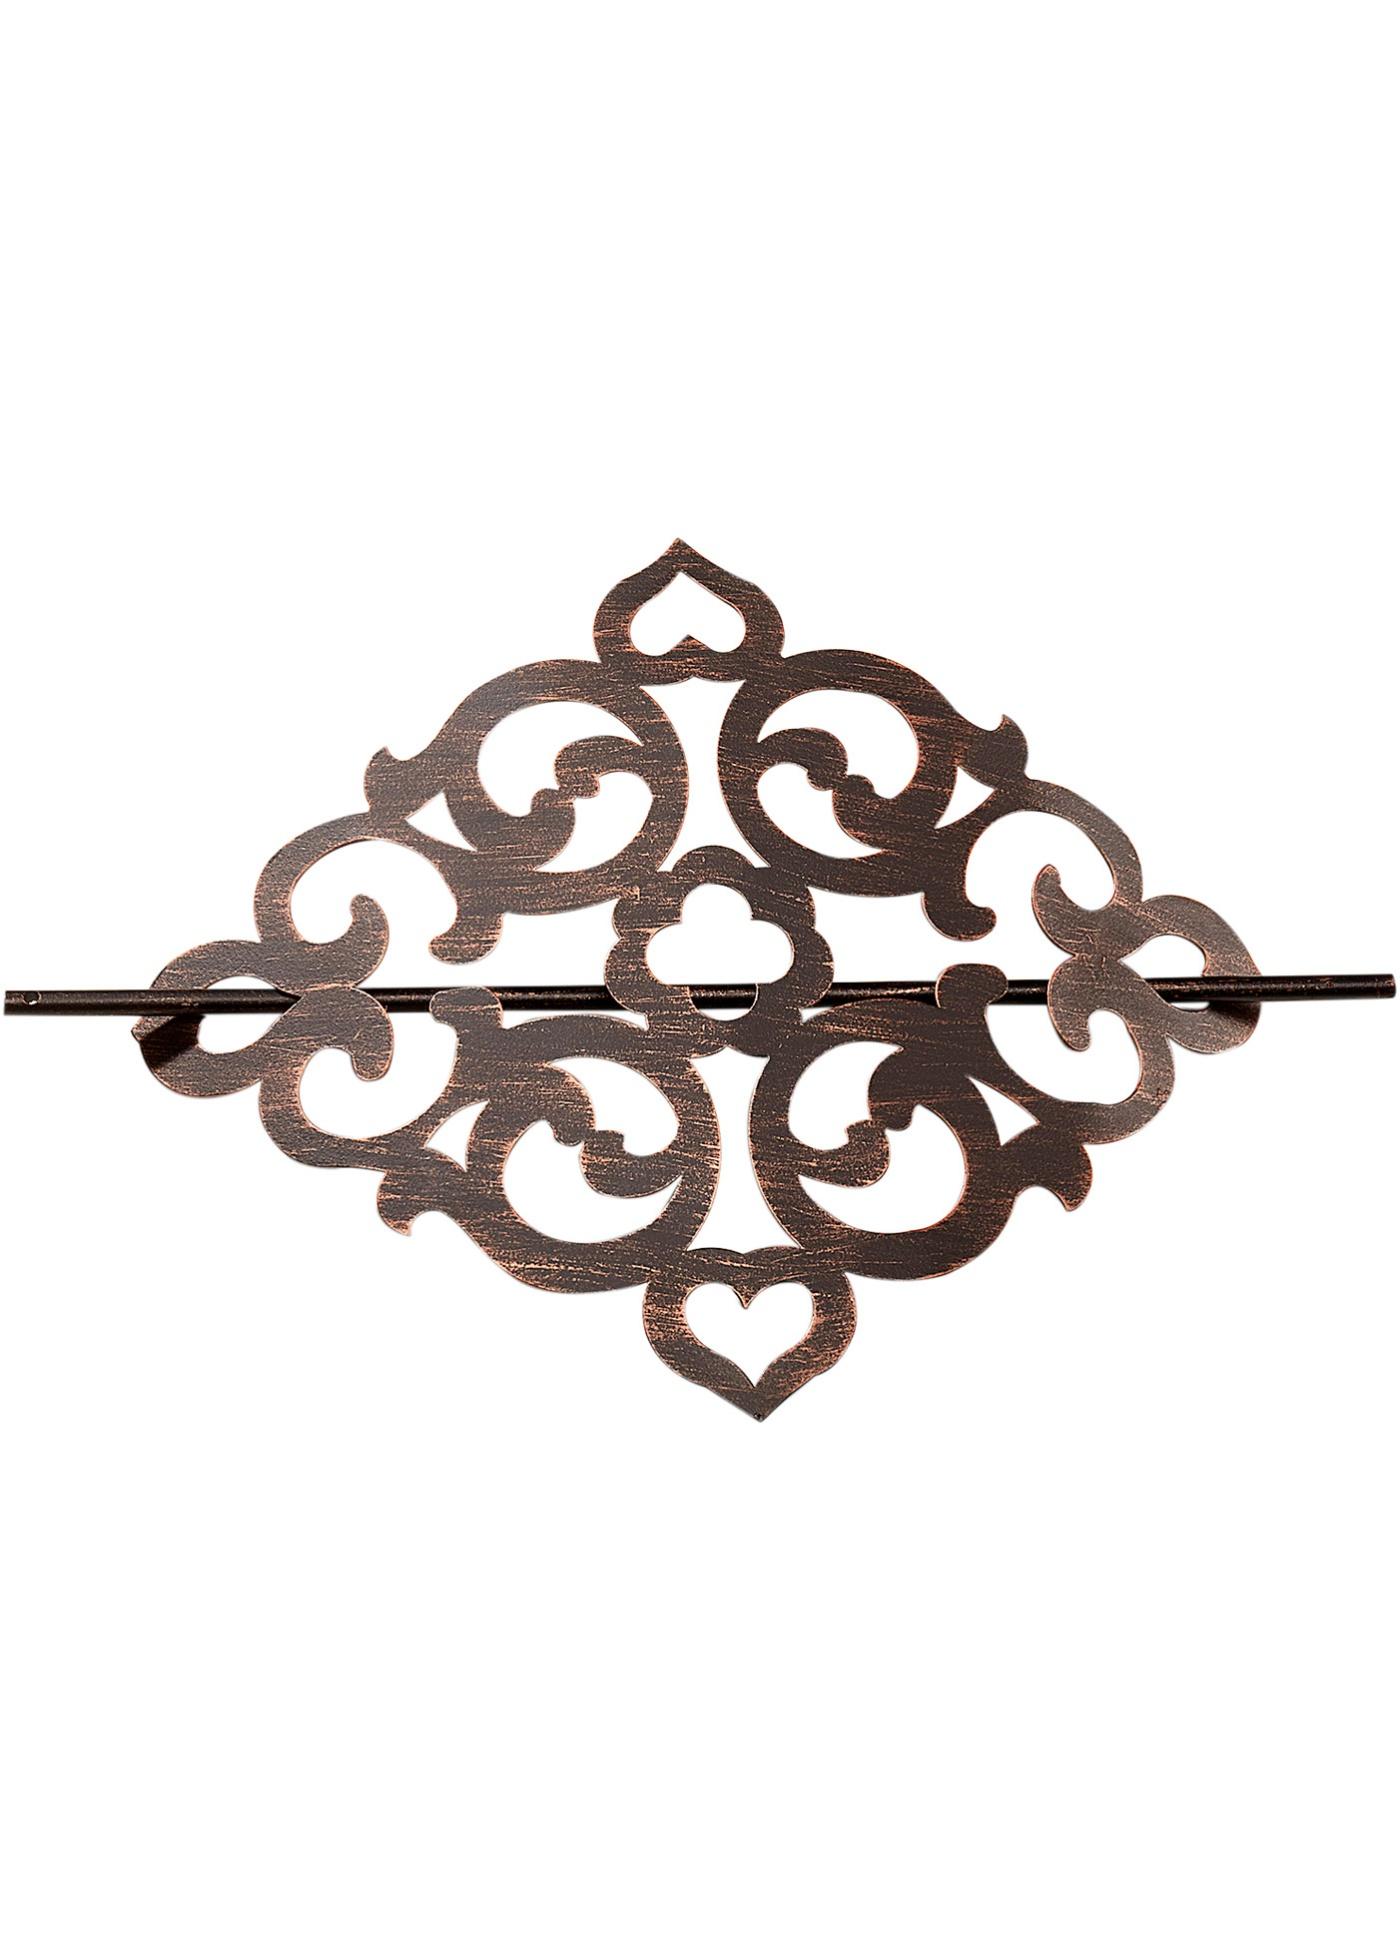 Embrasse in prachtig, oriëntaals design in een set van 2. houdt je gordijn mooi vast en zorgt voor elegante ...